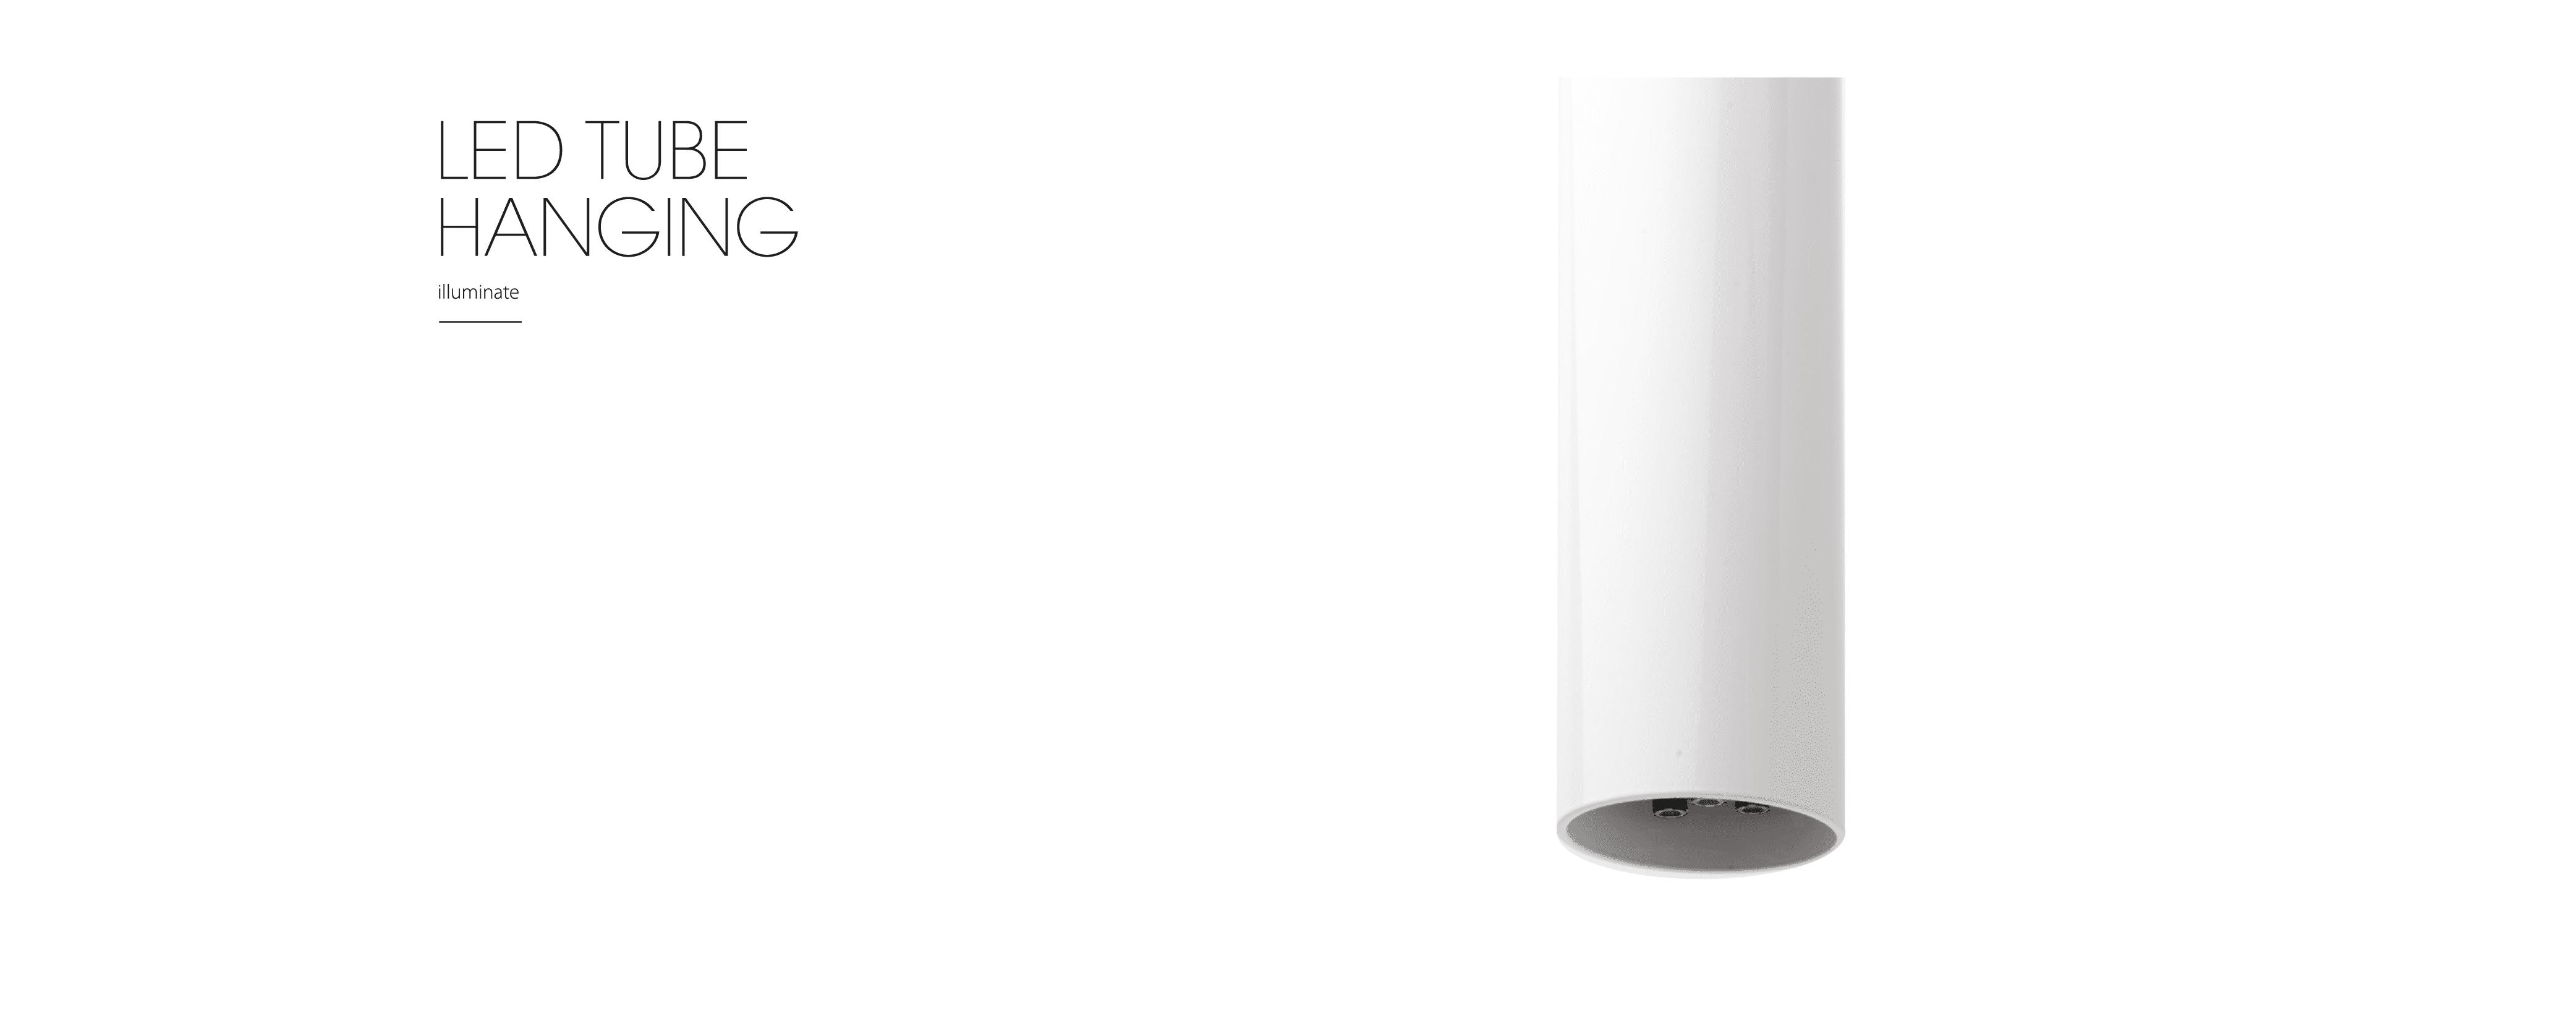 LED TUBE HANGING